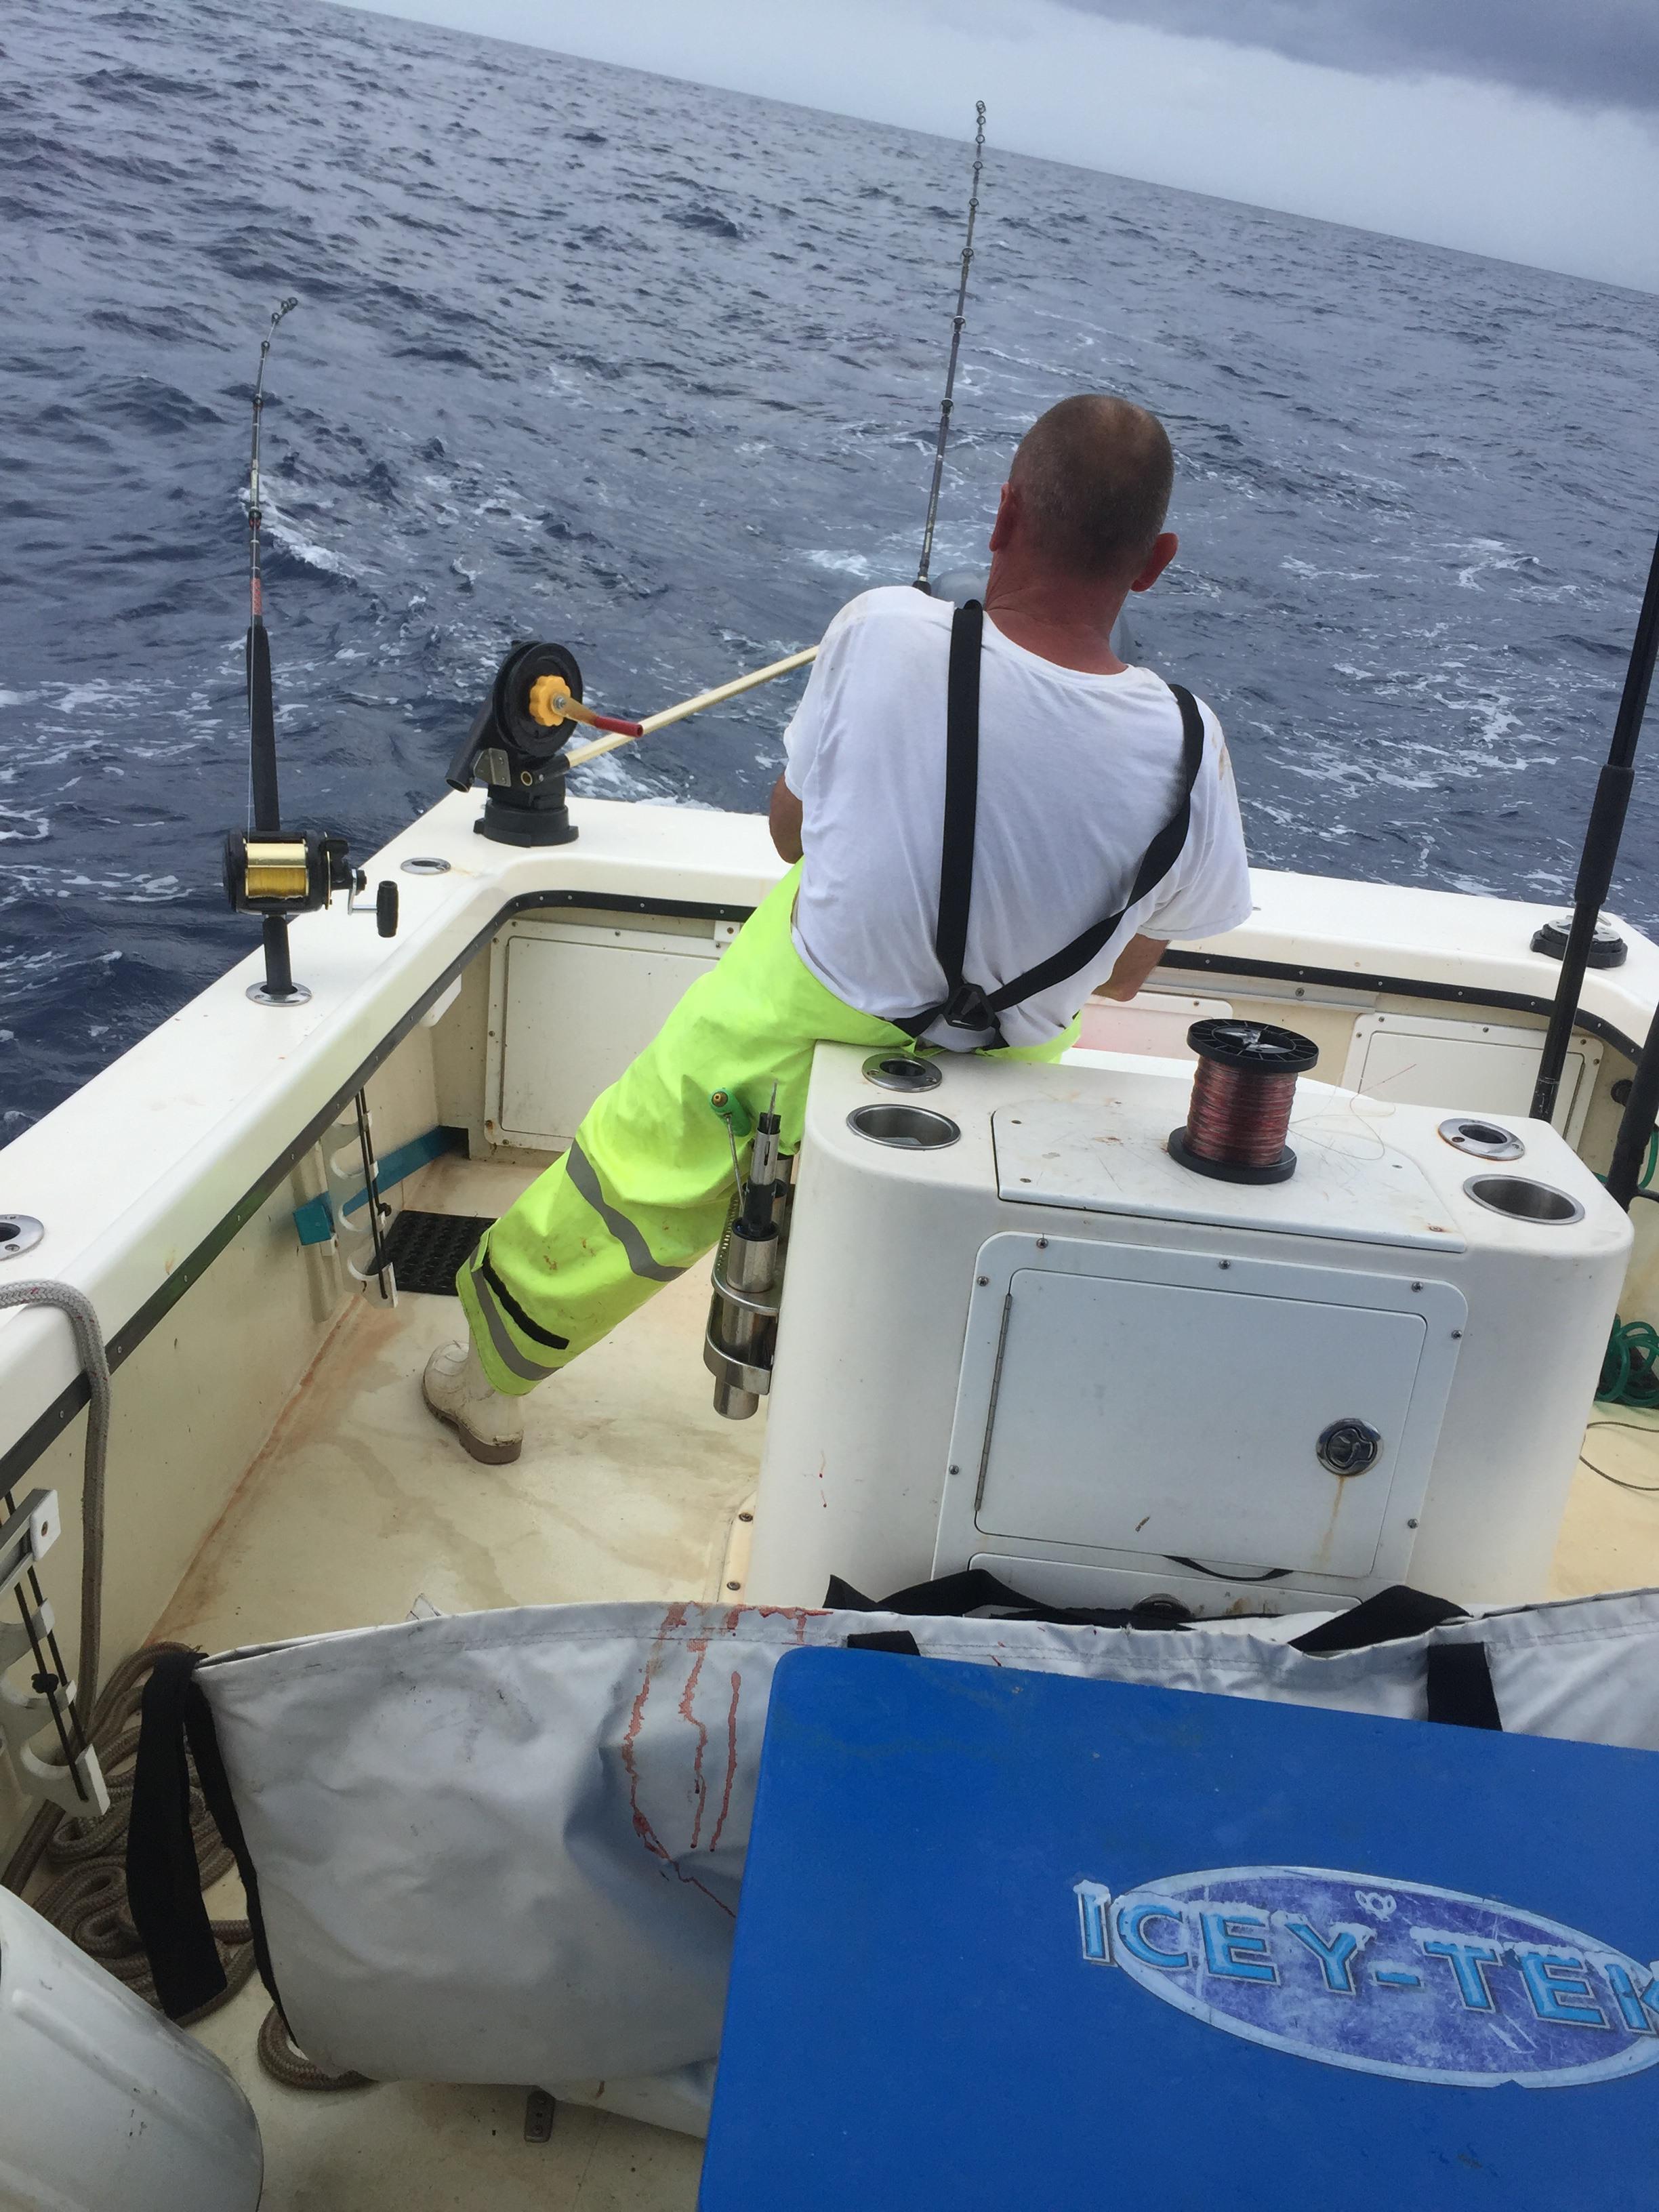 Reelin Pelican Fishing: 6 Hours Offshore 5 Passagers